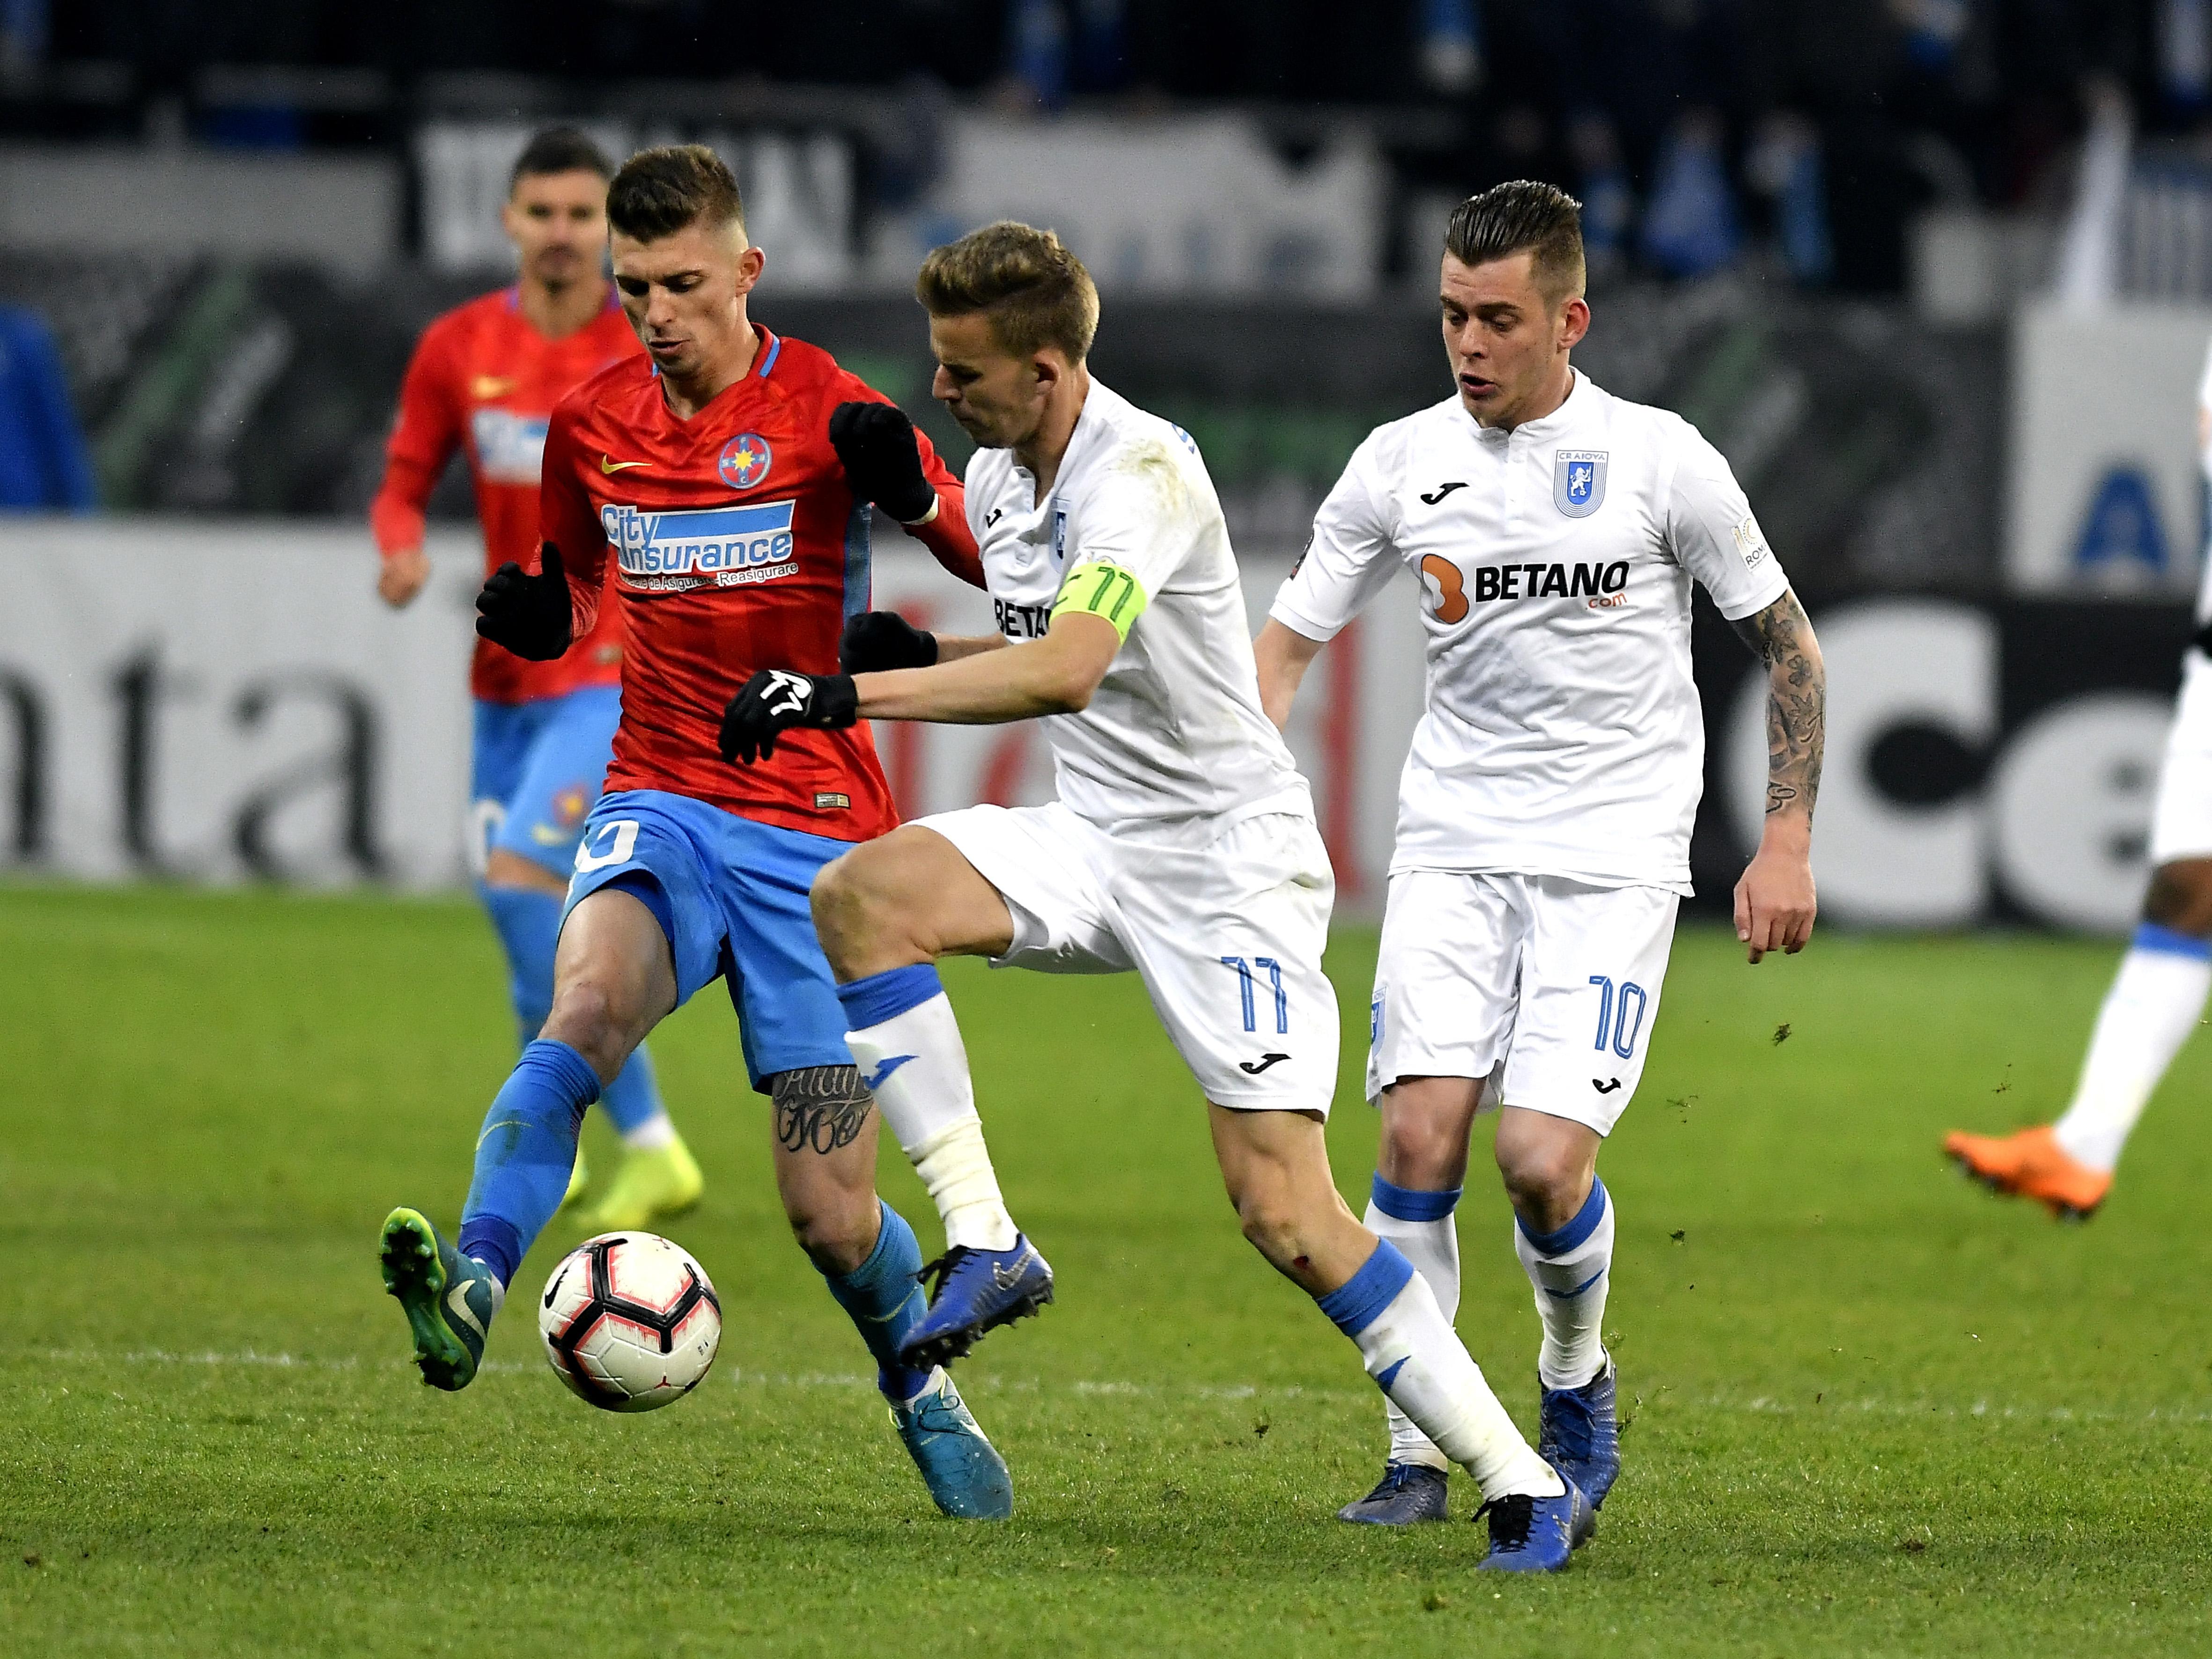 Florin Tănase în duel pentru balon cu Nicușor Bancu în meciul FCSB - U Craiova